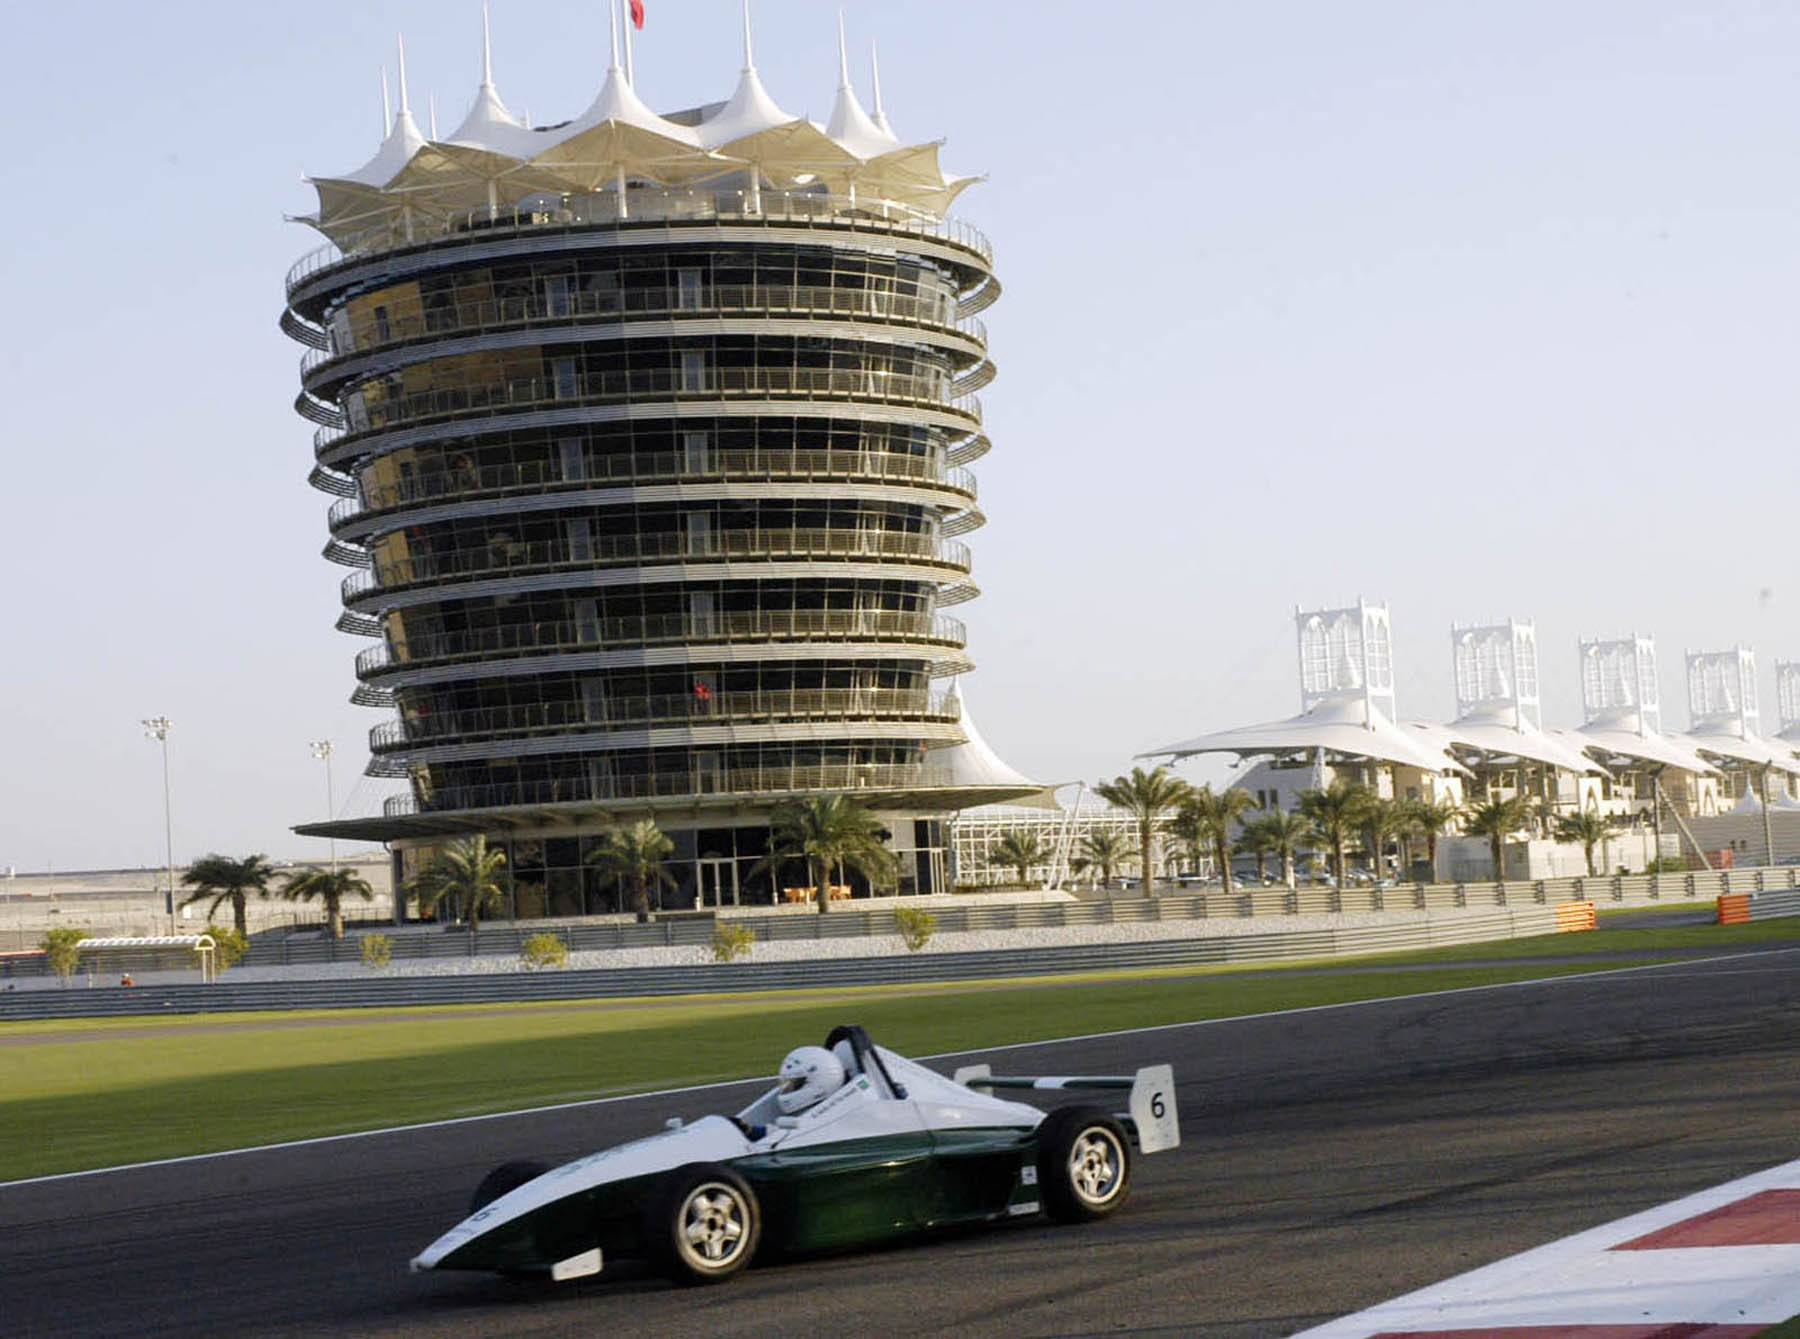 البحرين بلد الروعه والجمال بلد المليون نخلة | اهميه السياحة فى البحرين